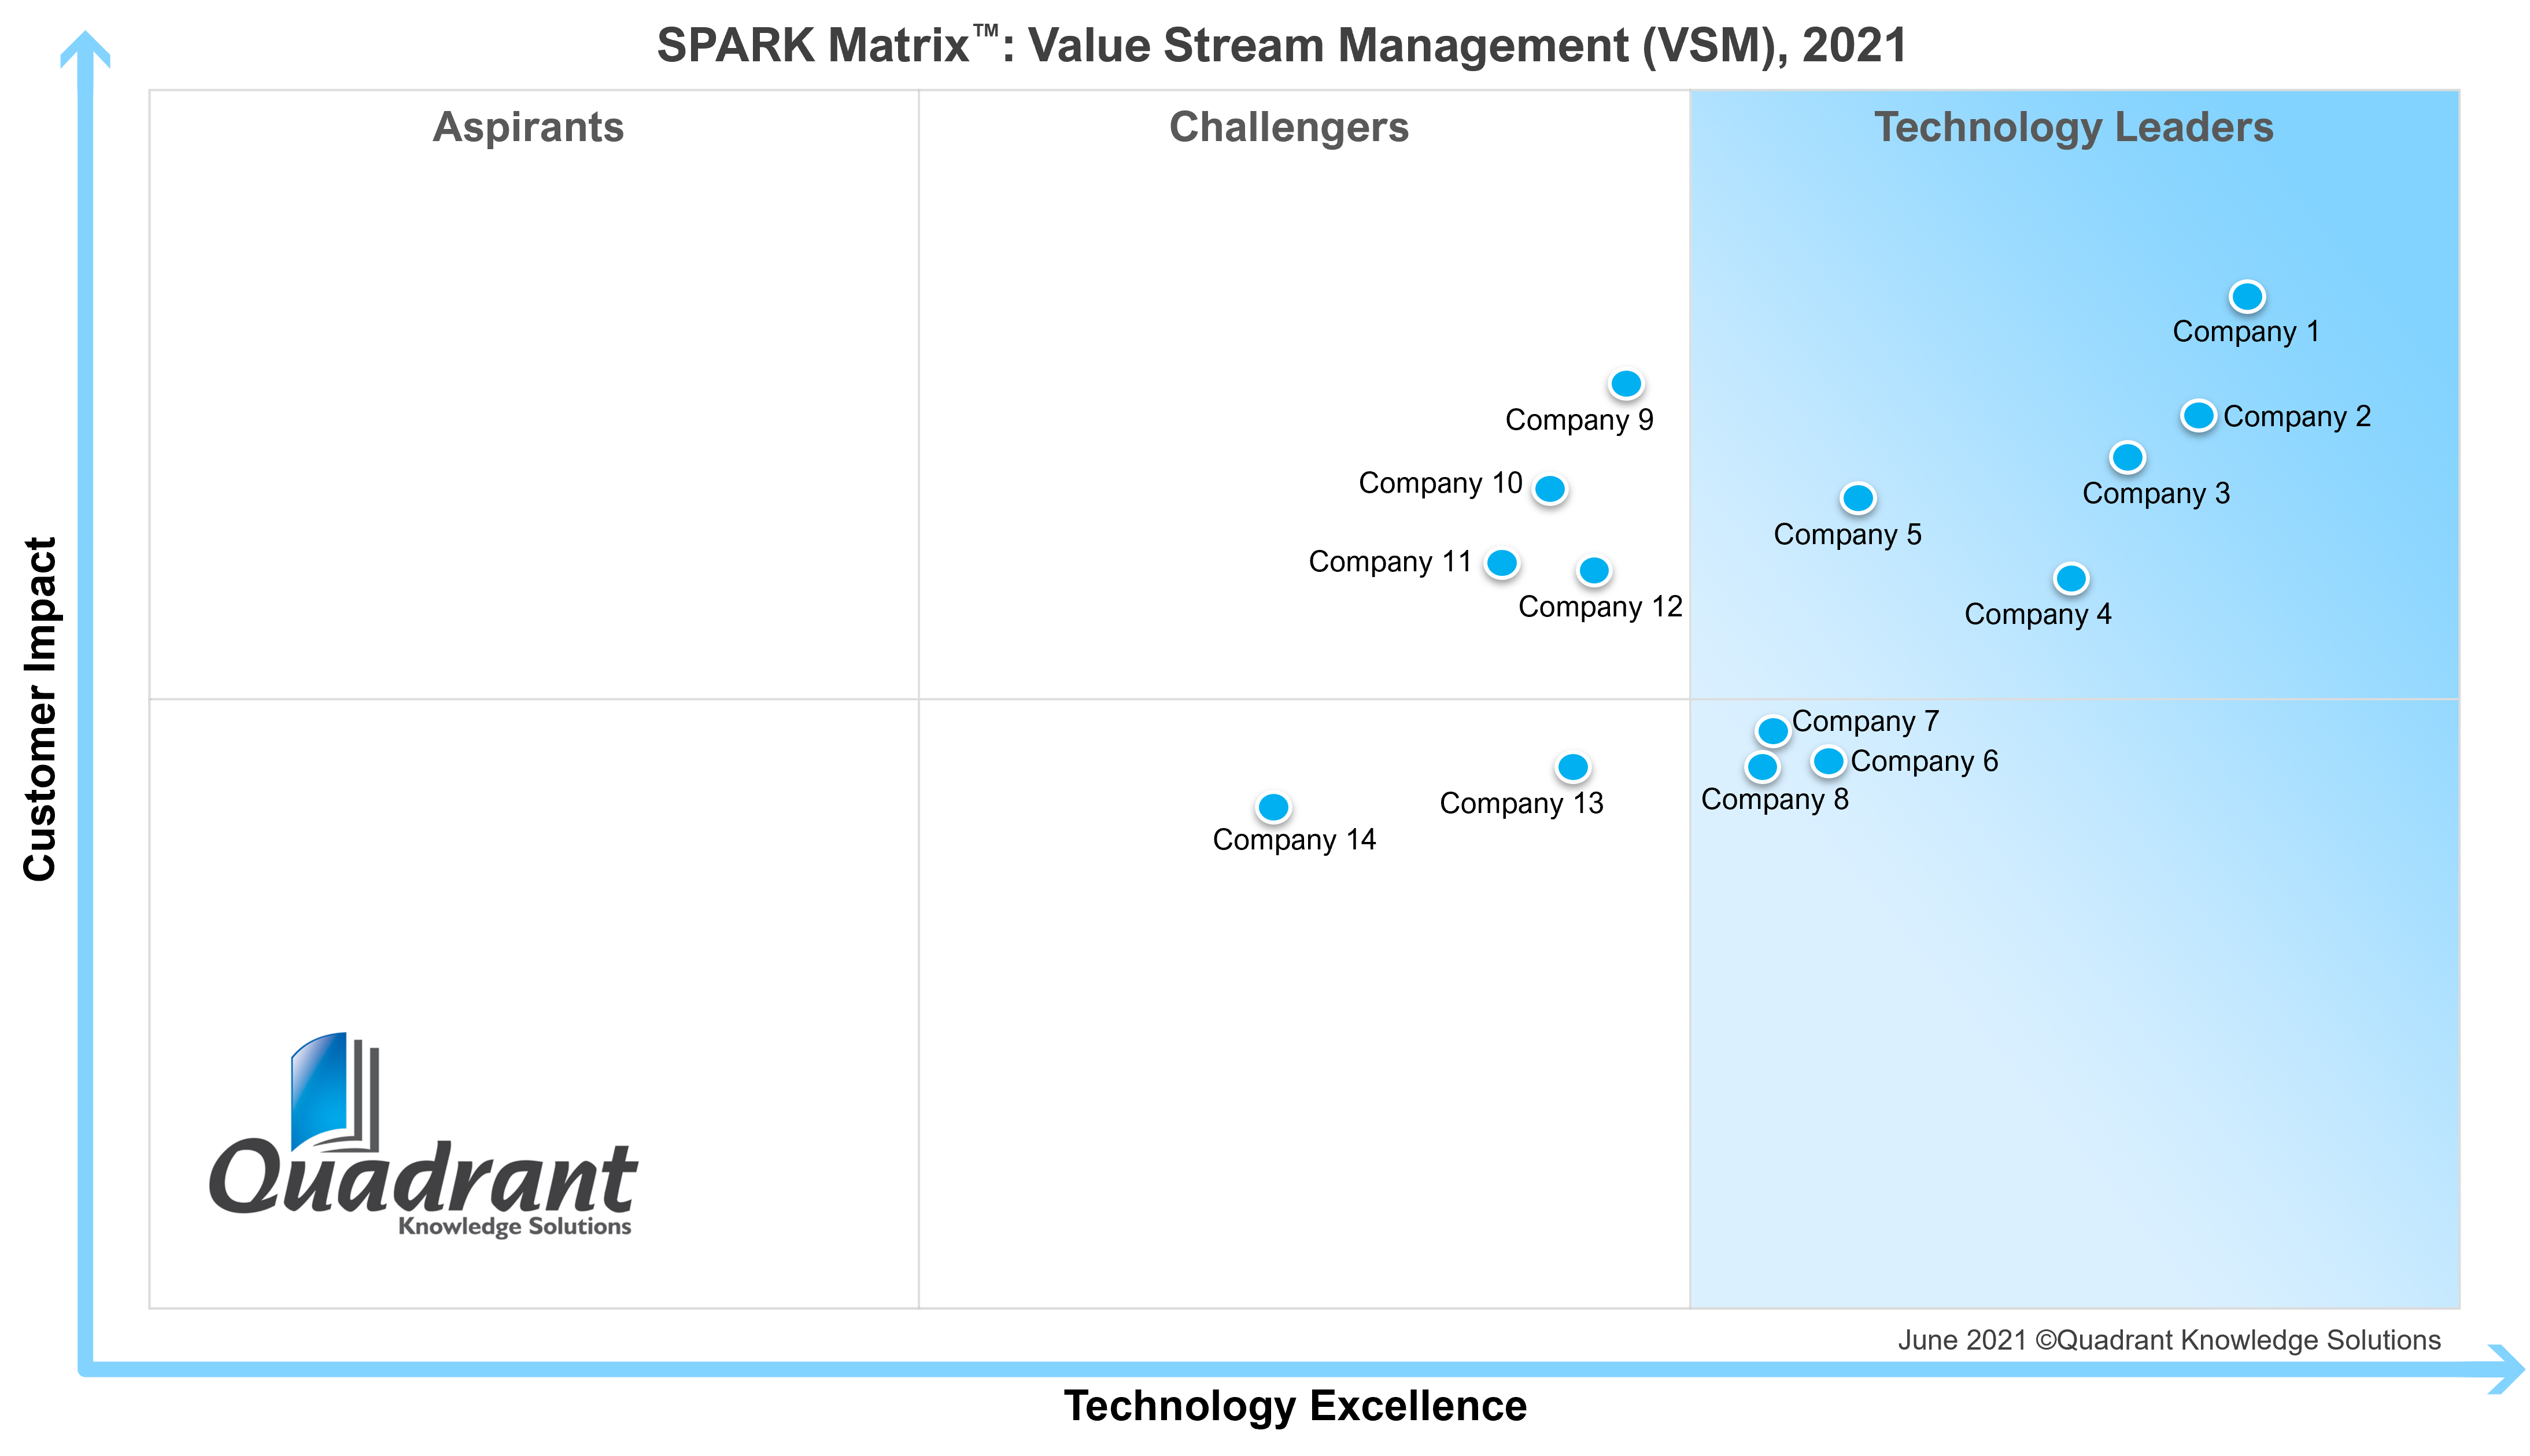 VSM_SPARK Matrix